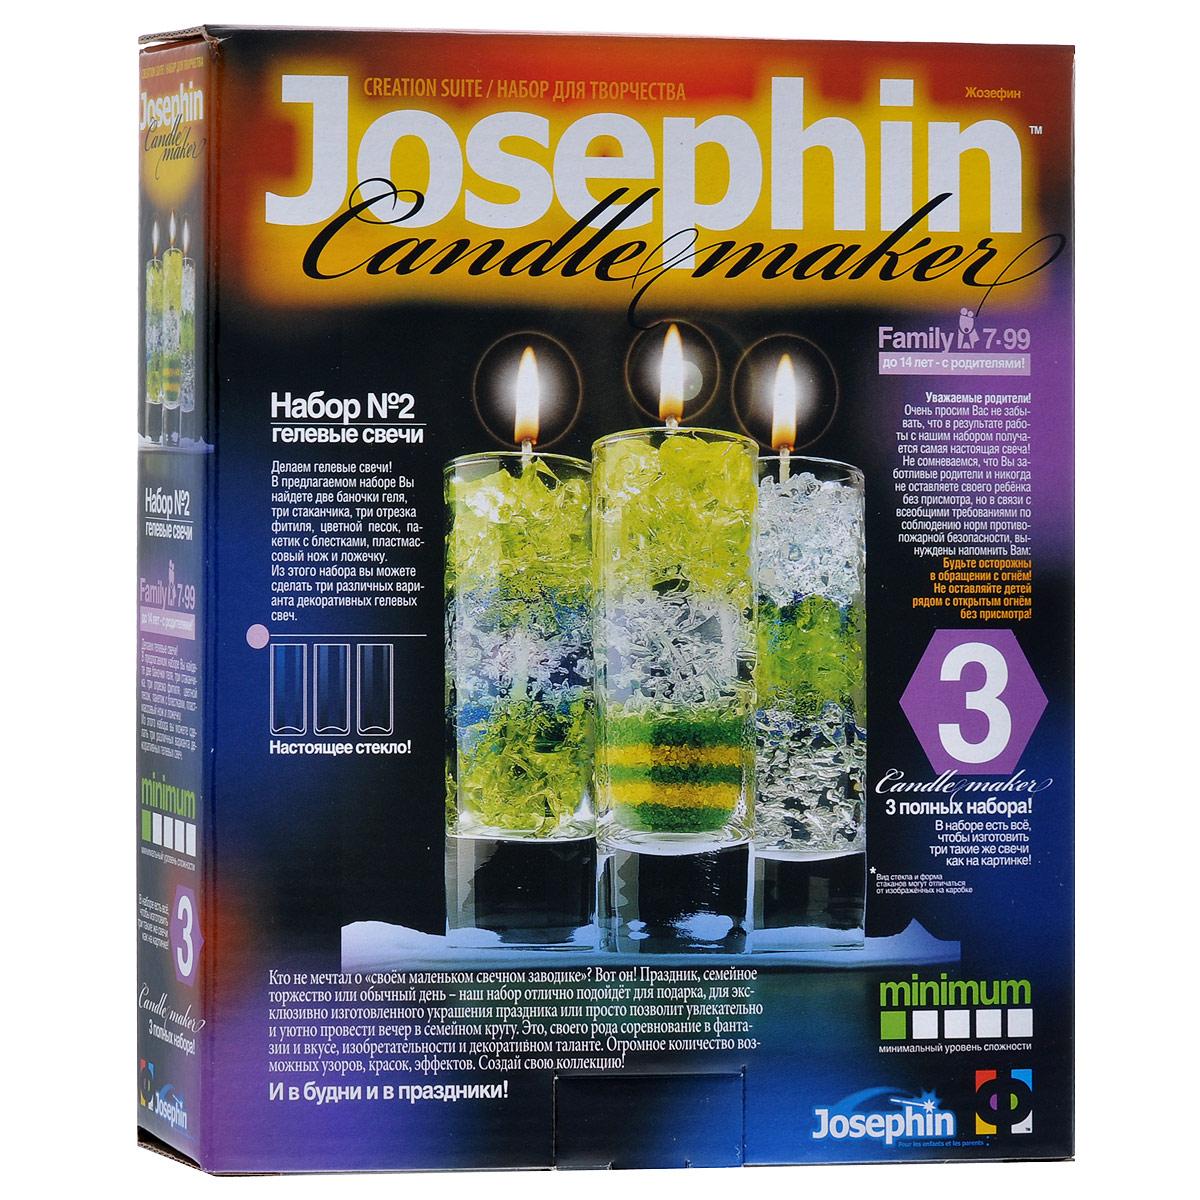 Набор для изготовления гелевых свечей Josephin №2274002Кто не мечтал о своем маленьком свечном заводике? Вот он! Праздник, семейное торжество или обычный день - набор отлично подойдет для подарка, для эксклюзивно изготовленного украшения праздника или просто позволит увлекательно и уютно провести вечер в семейном кругу. Это своего рода соревнование в фантазии и вкусе, изобретательности и декоративном таланте. Набор для изготовления гелевых свечей Josephin №2 позволит вам позволит вам создать три различных варианта декоративных гелевых свечей. В набор входит все необходимое: две баночки с гелем, три стеклянных стаканчика под свечи, три отрезка фитиля, цветной песок, пакетик с блестками, стек и ложечку. Создай свою коллекцию изысканных аксессуаров!